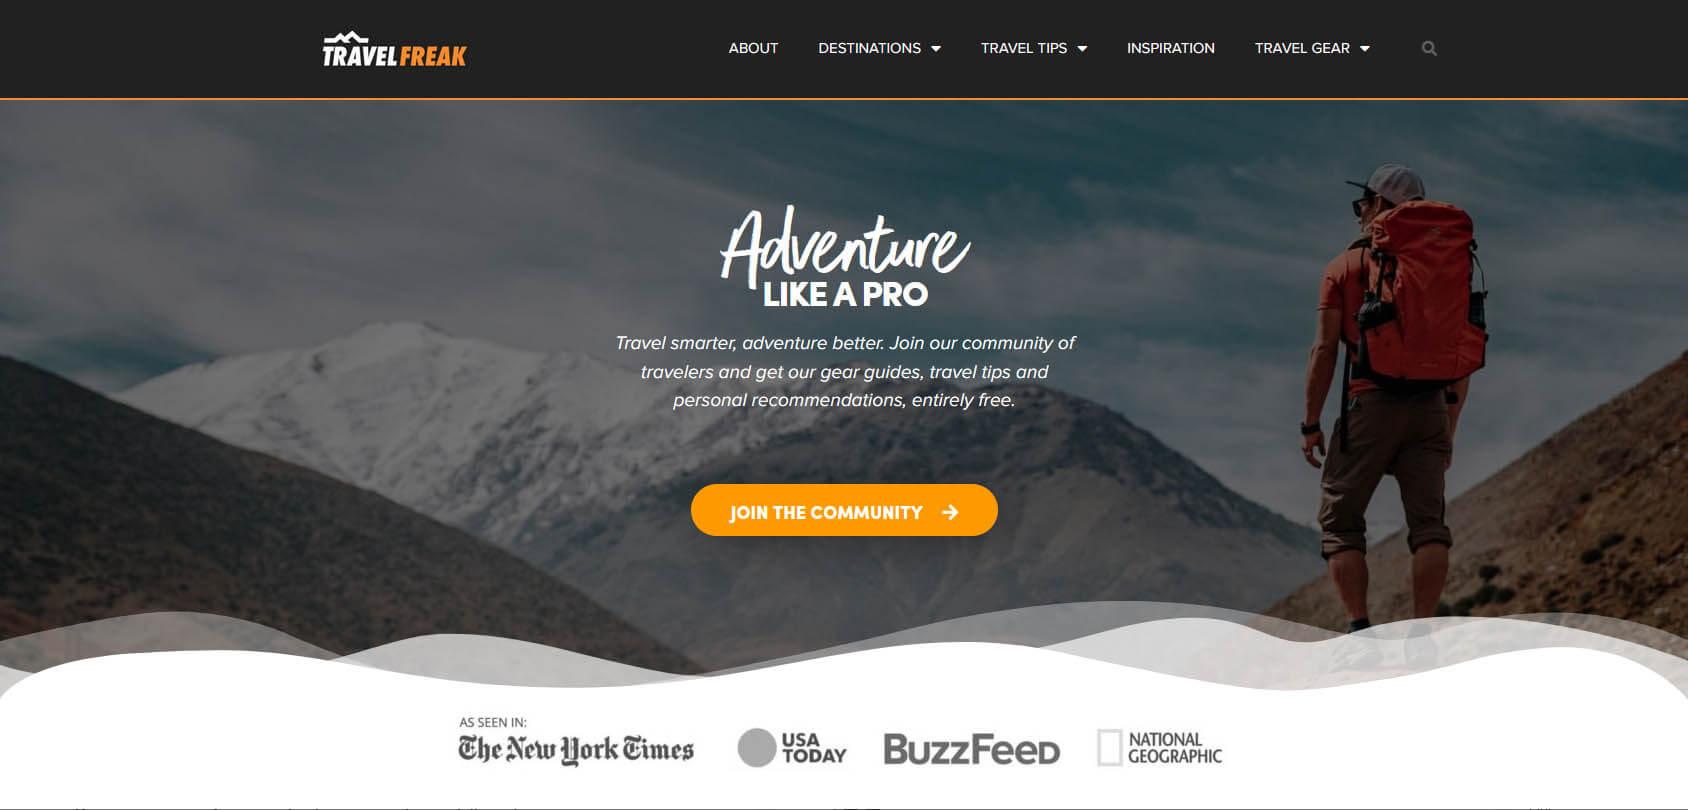 Travel Freak Homepage